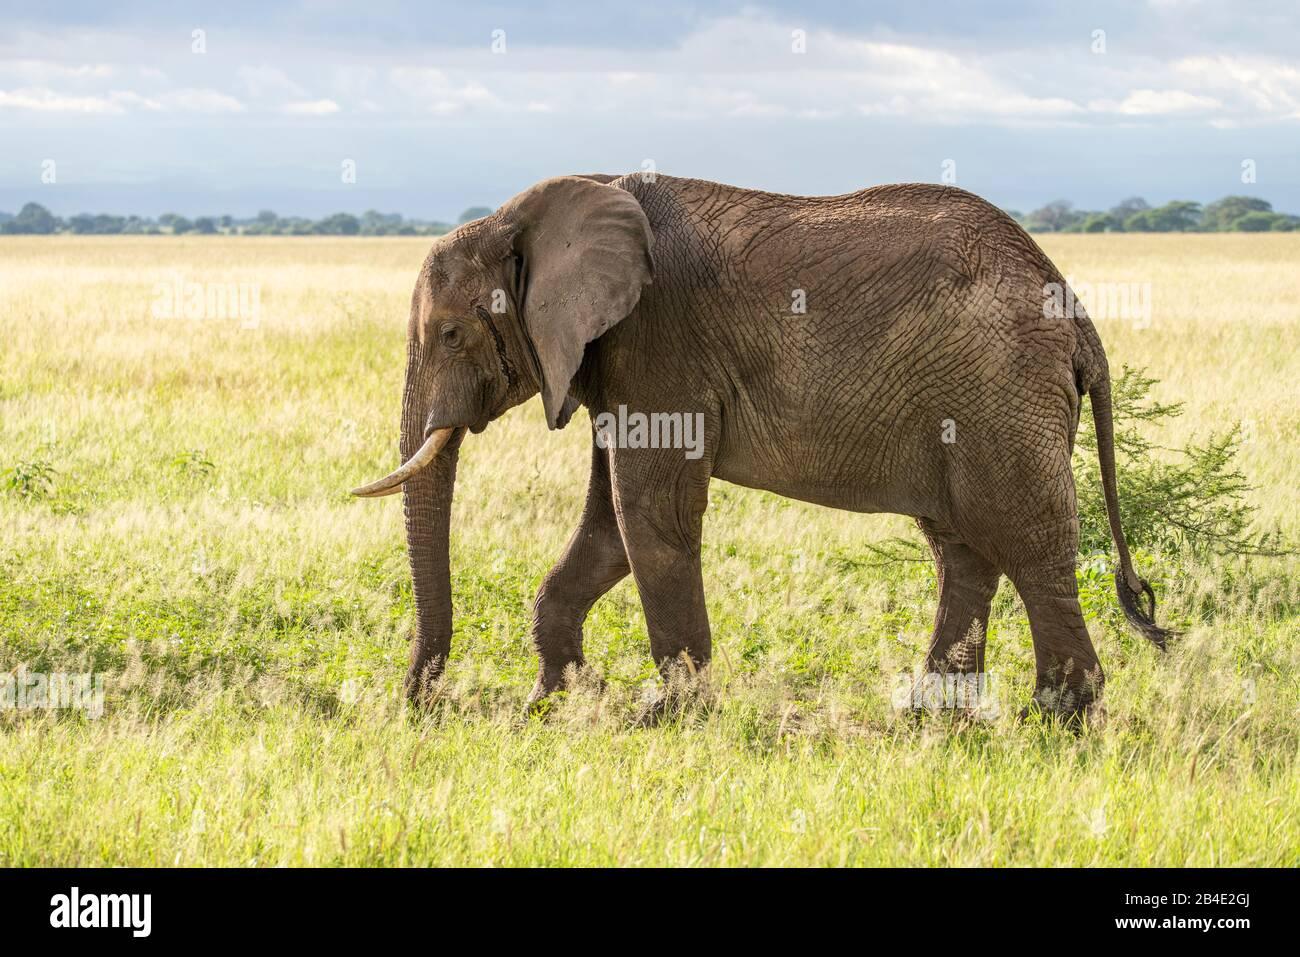 Un safari in piedi, tenda e jeep attraverso la Tanzania settentrionale alla fine della stagione delle piogge nel mese di maggio. Parchi Nazionali Serengeti, Ngorongoro Crater, Tarangire, Arusha E Lago Manyara. Elefante nella savana Foto Stock